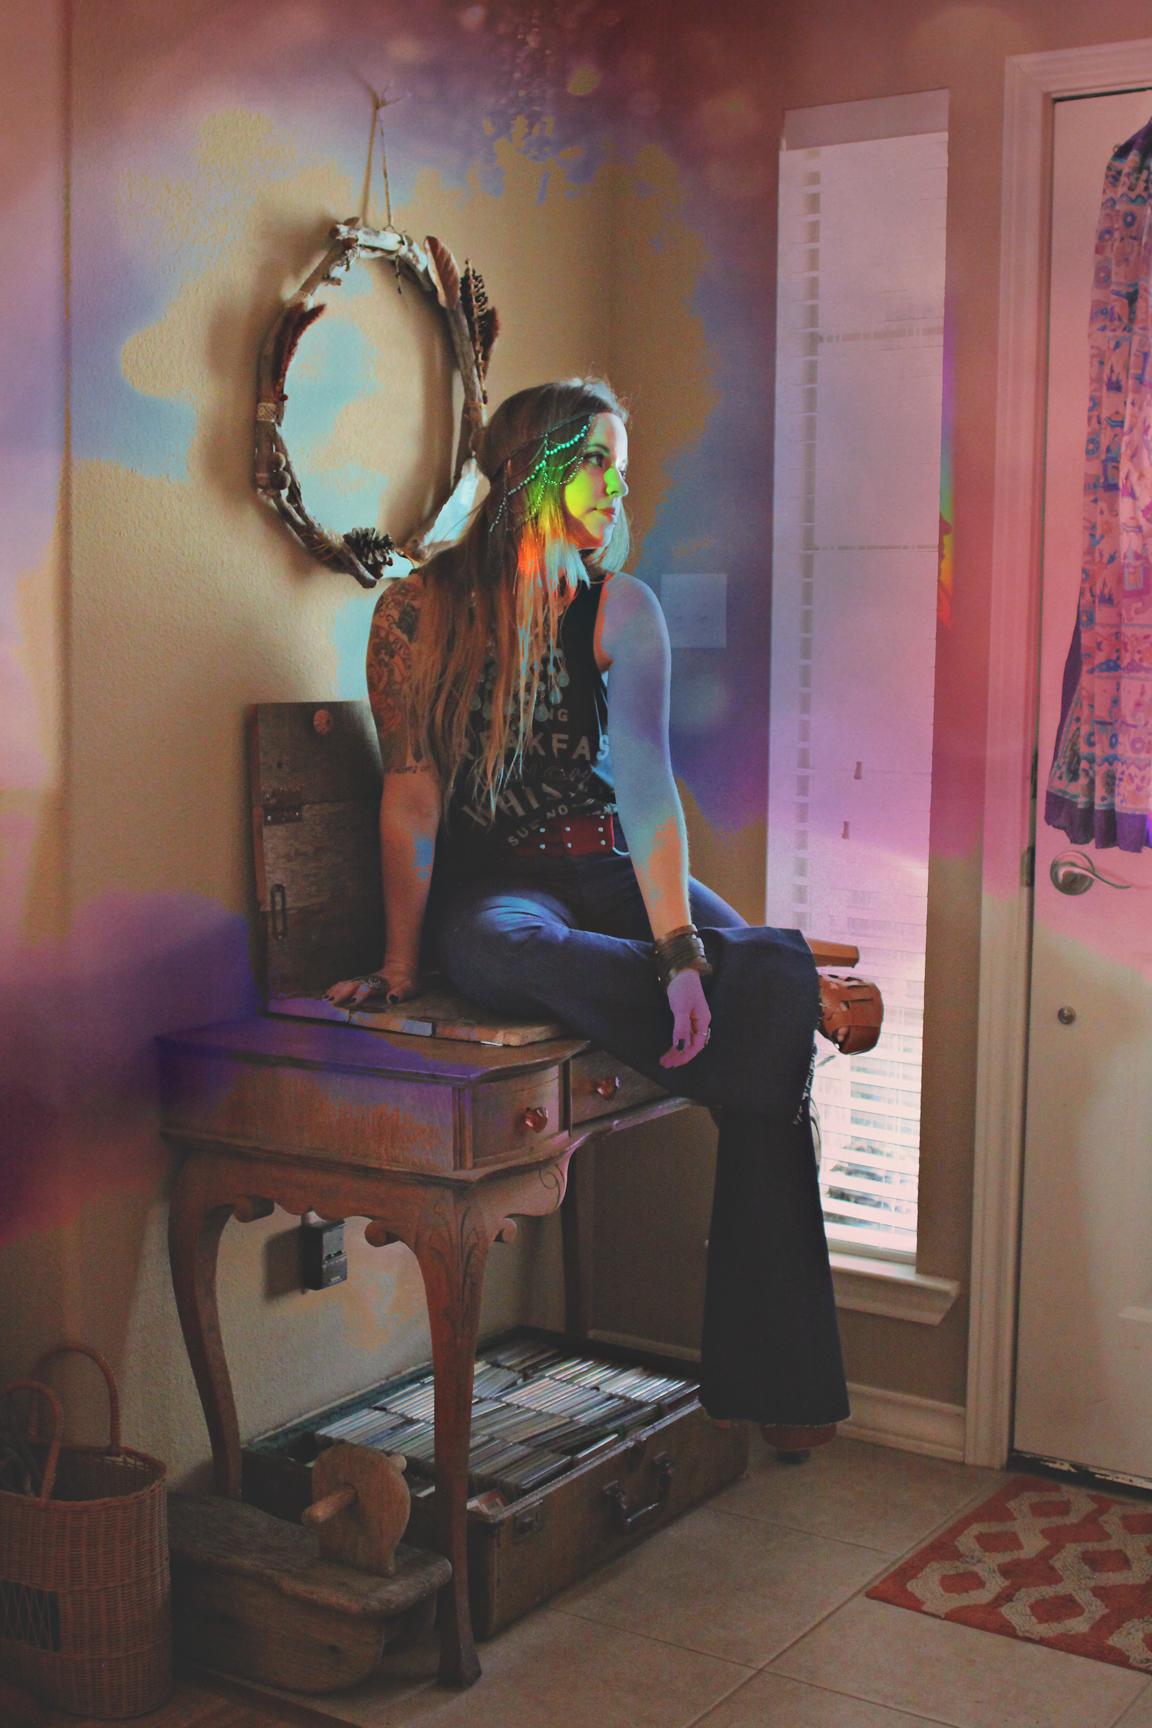 via bohocollective.com